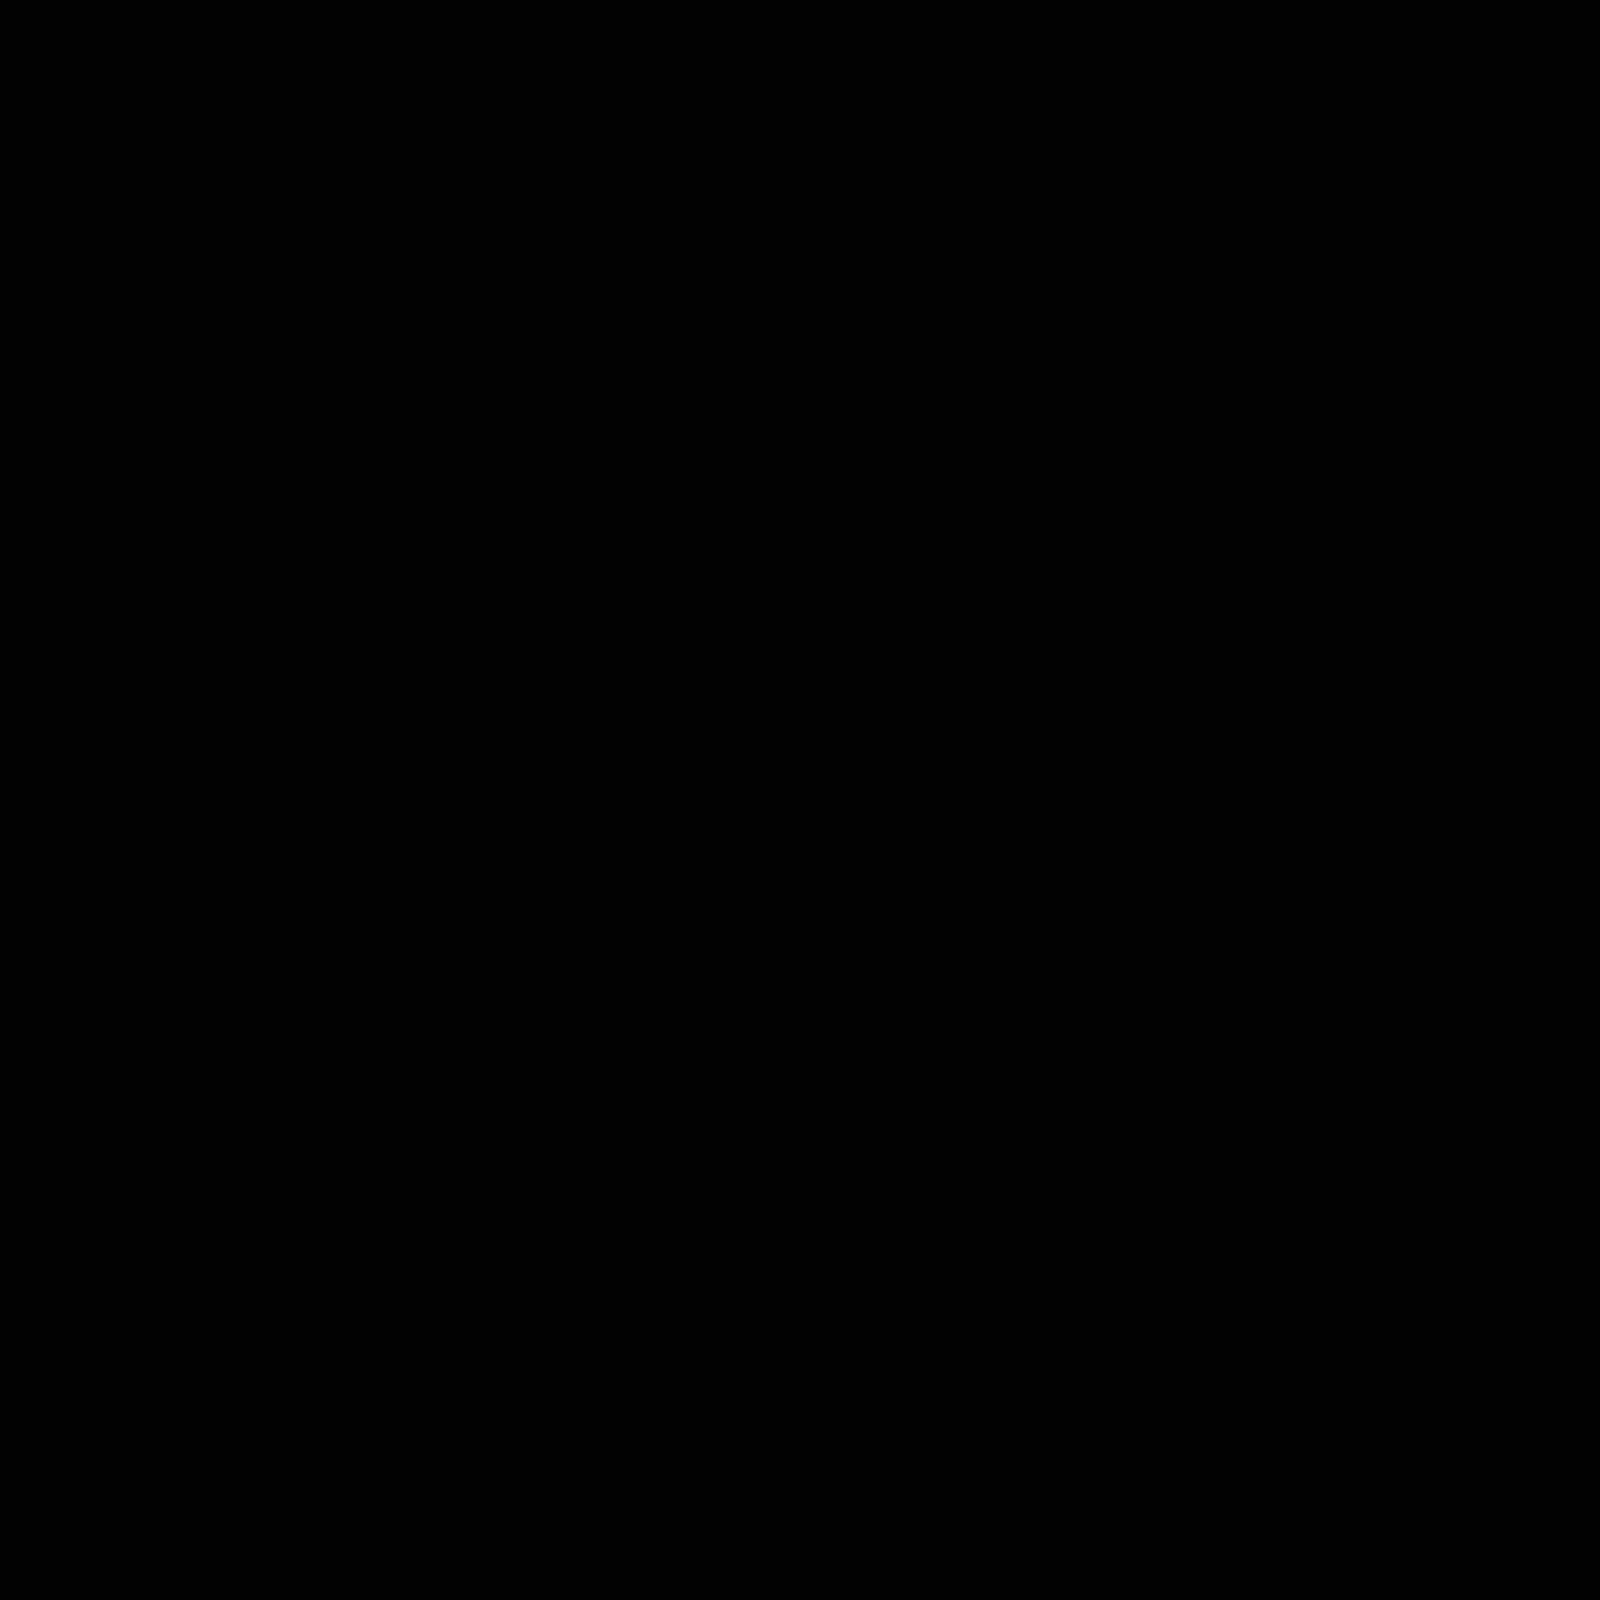 Zip Code Icon. PNG 50 px - Zip Code PNG